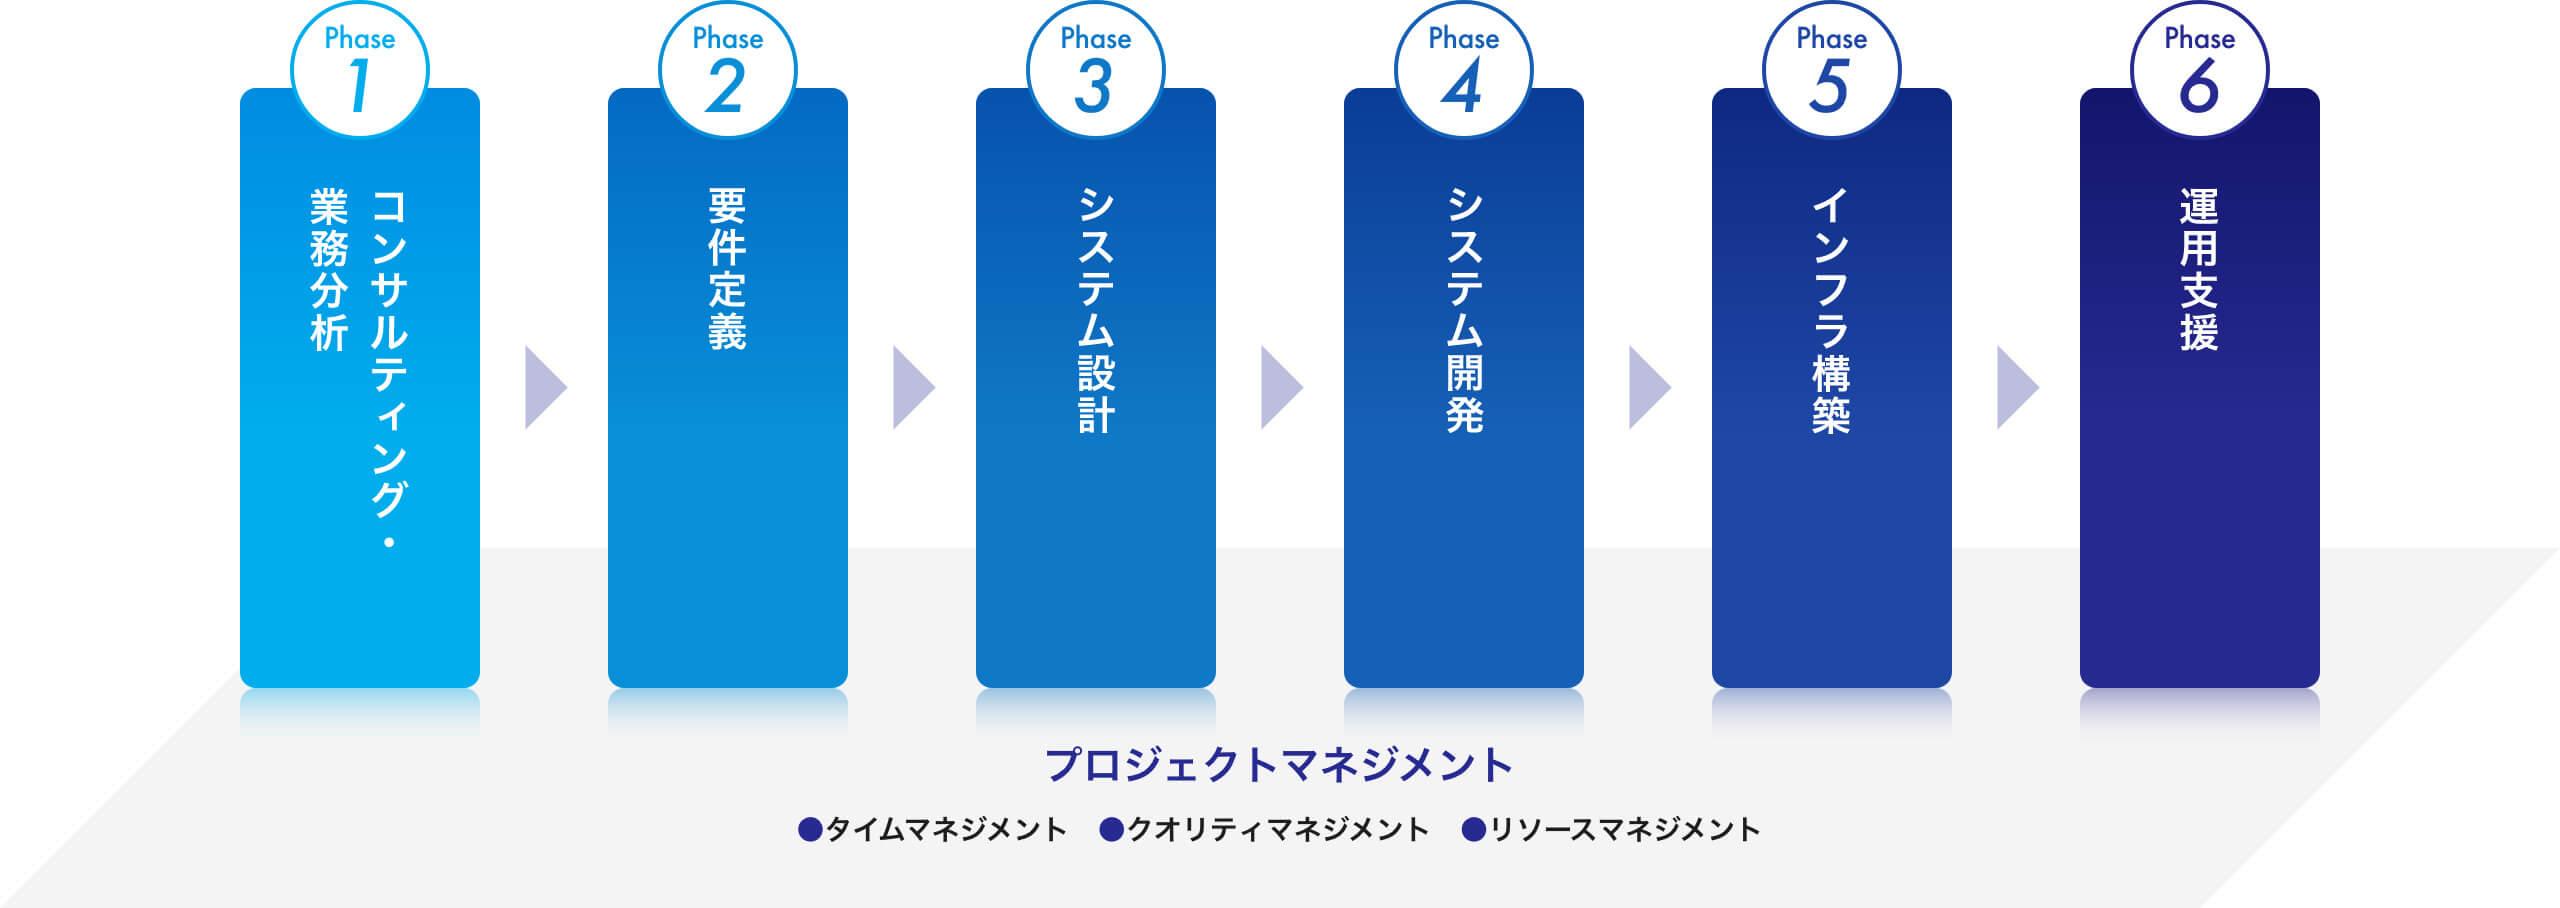 Phase1 コンサルティング・業務分析 Phase2 要件定義 Phase3 システム設計 Phase4 システム開発 Phase5 インフラ構築 Phase6 運用支援 プロジェクトマネジメント ●タイムマネジメント ●クオリティマネジメント ●リソースマネジメント